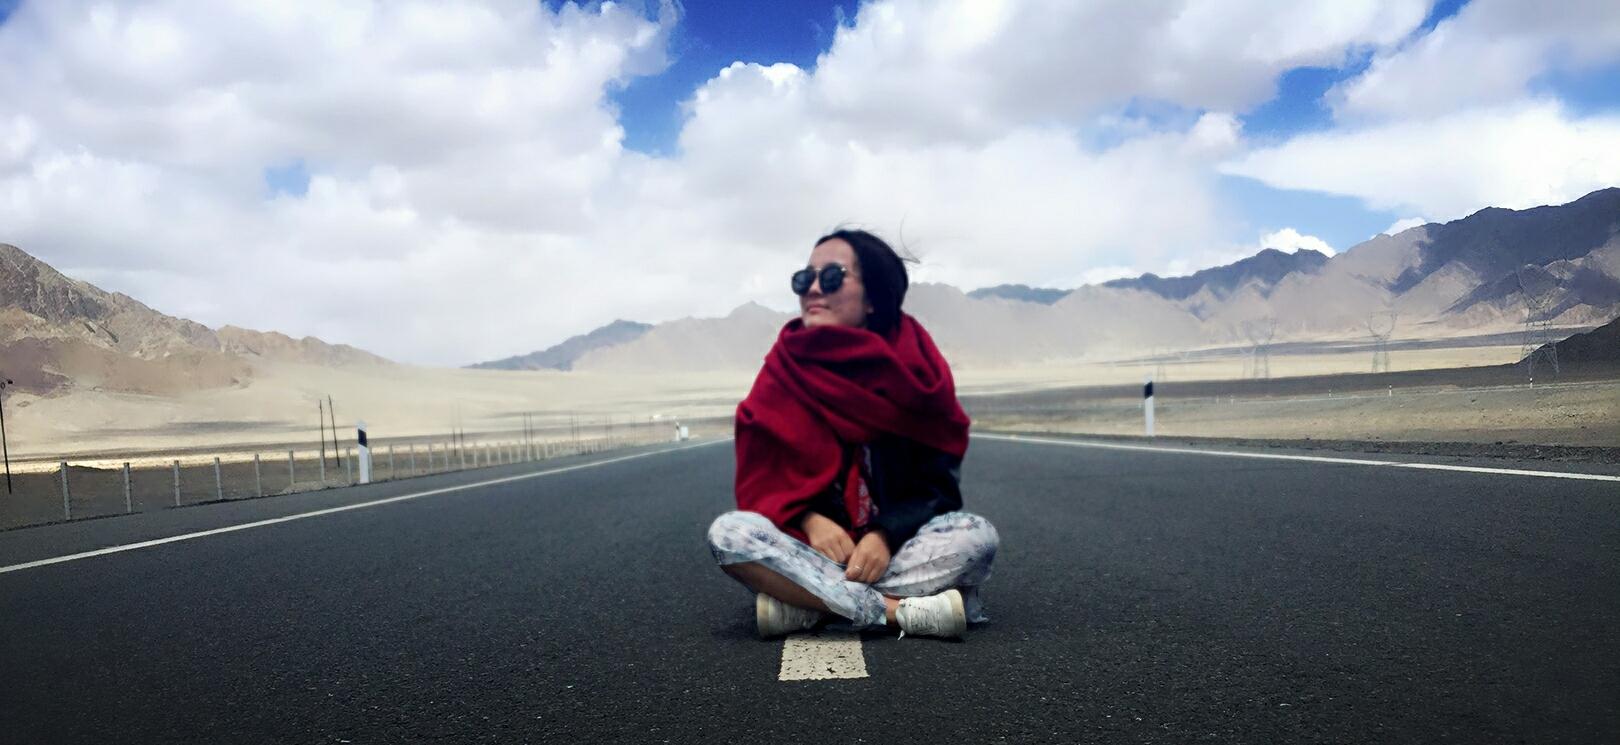 独自去旅行'穿越大西北 青海甘肃七日游环线游